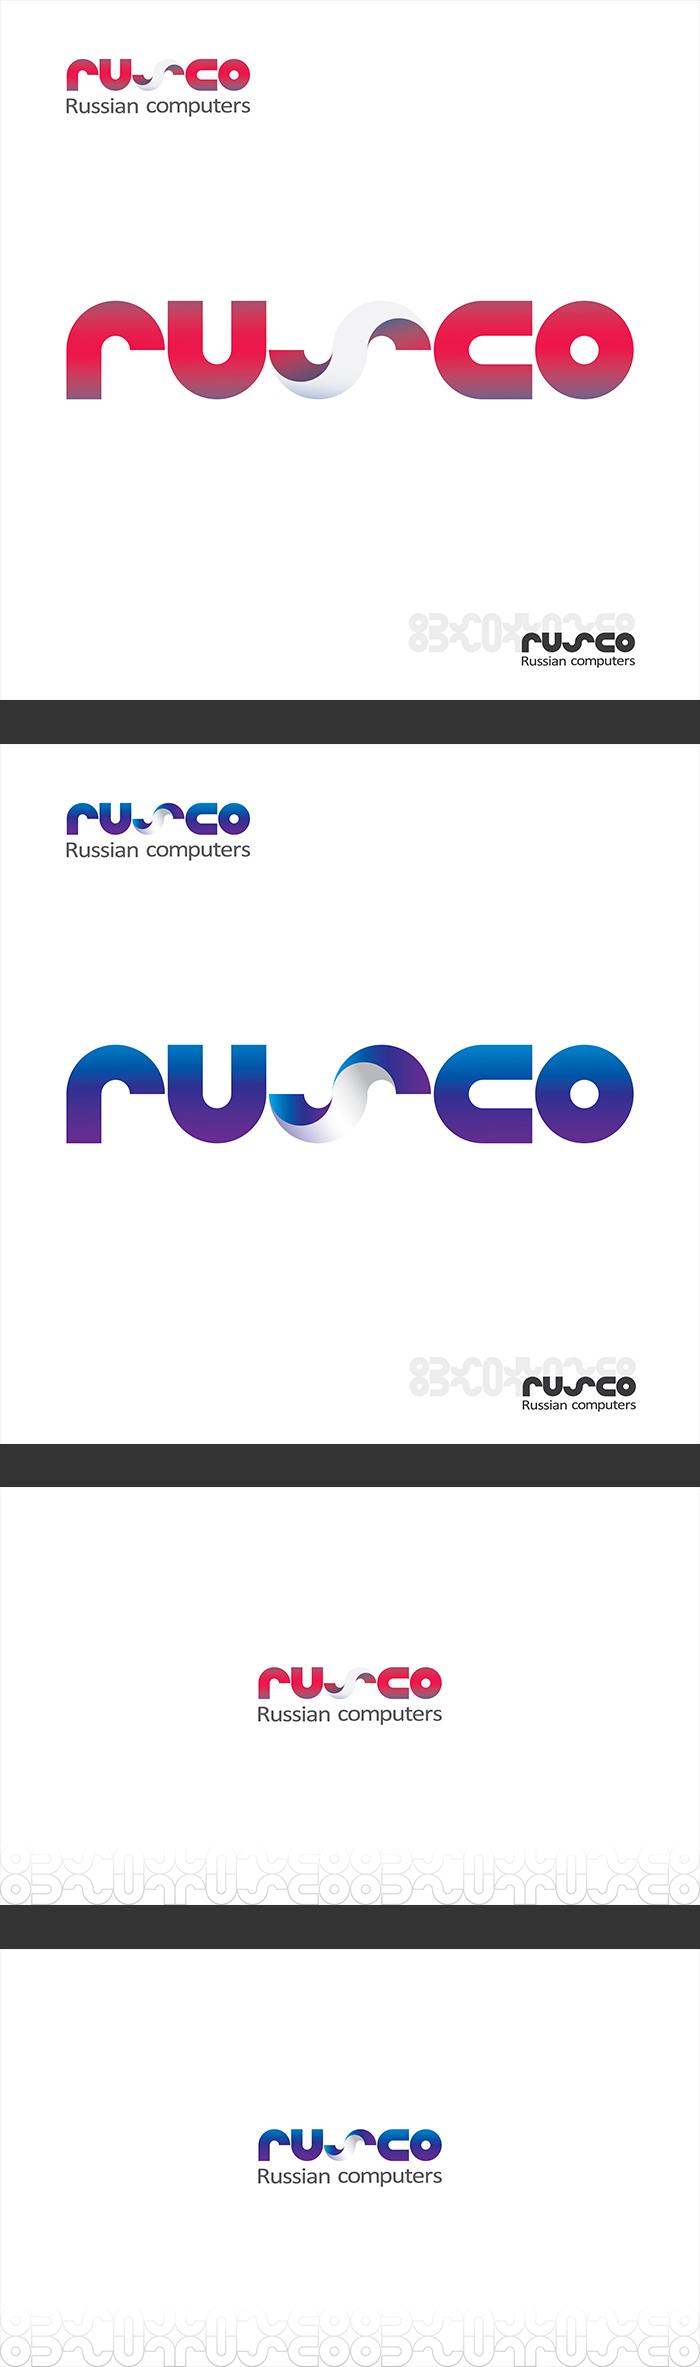 RUSCO фото f_2945480bc20d02d1.jpg